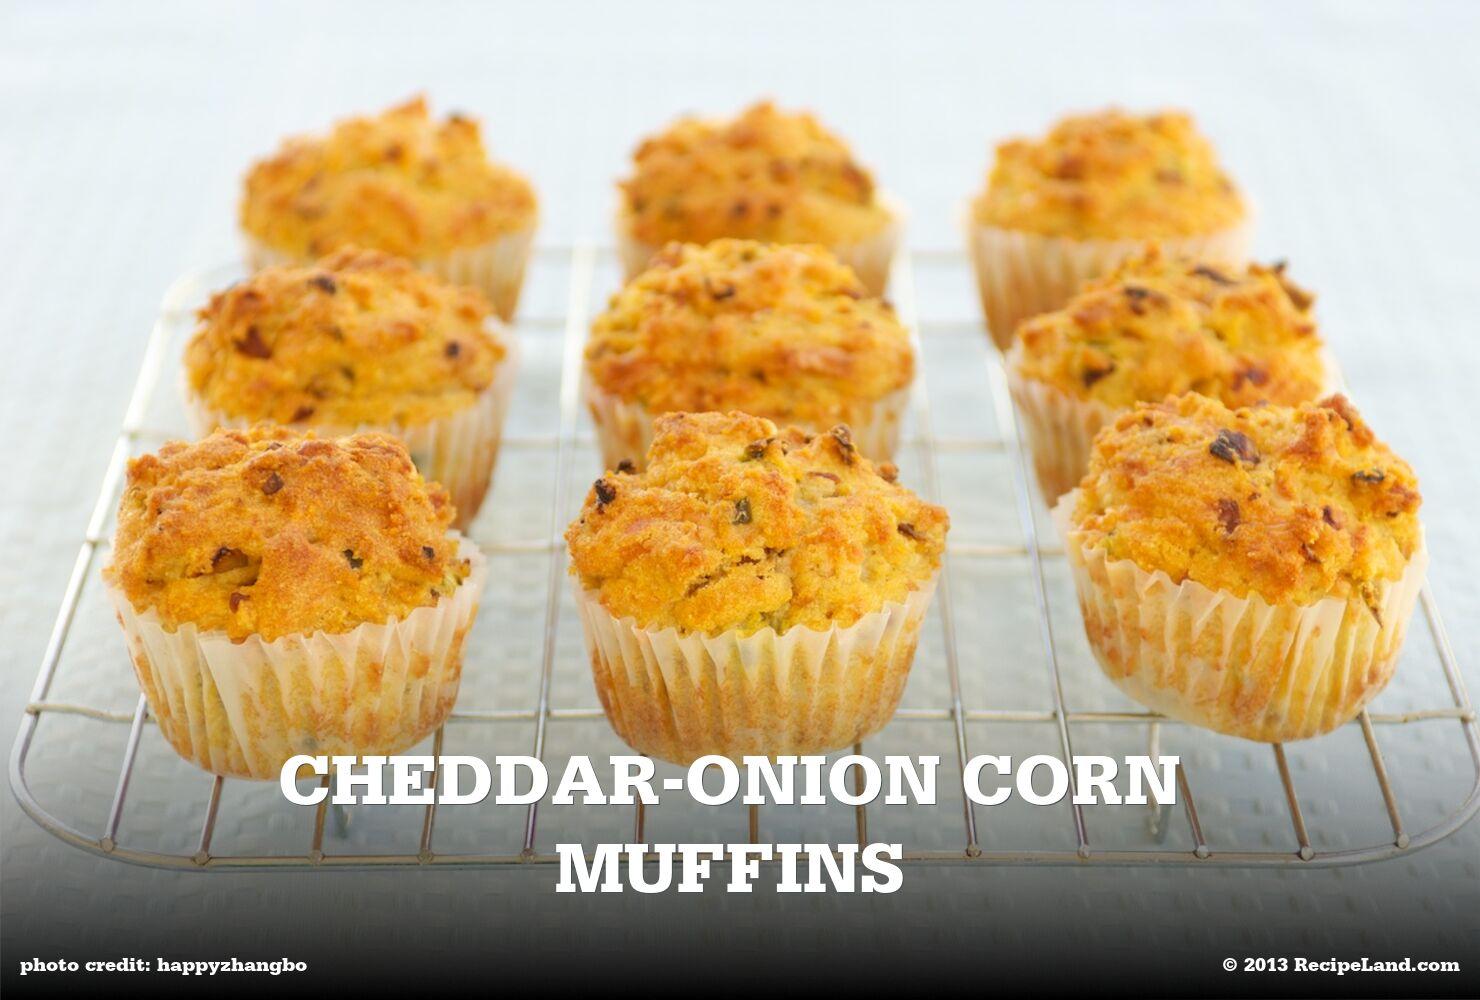 Cheddar-Onion Corn Muffins